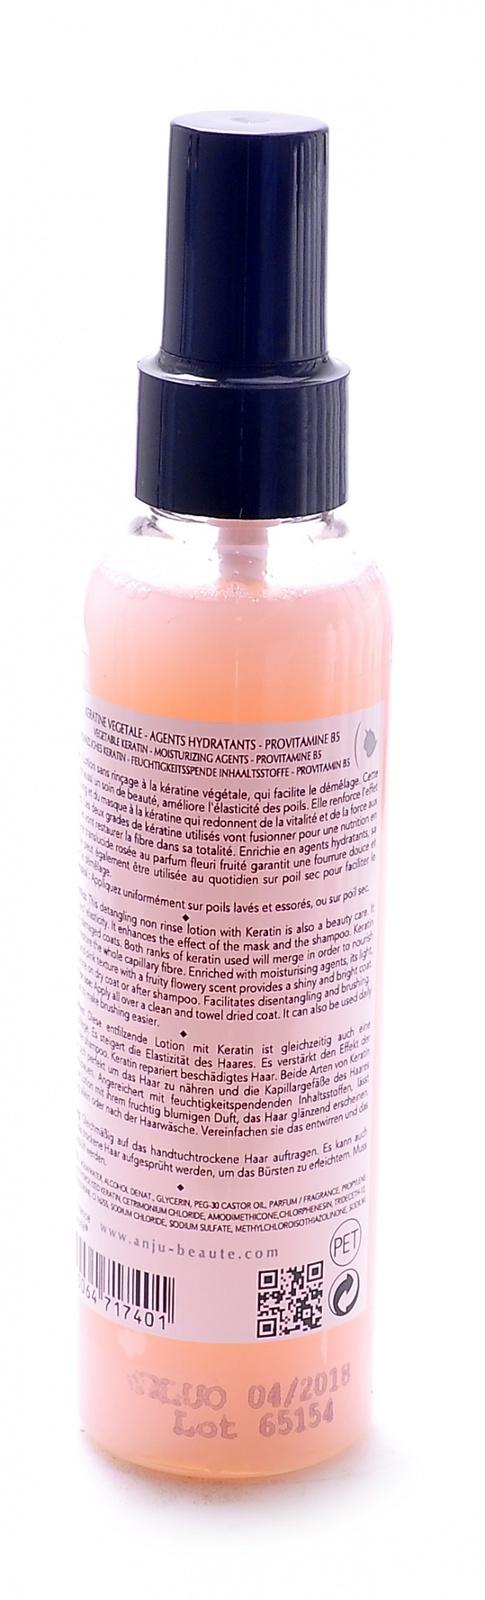 anju beaute Лосьон-Спрей Anju Beaute кератиновый для легкого расчесывания и восстановления поврежденной шерсти Vital Force Lotion, 250мл 50421